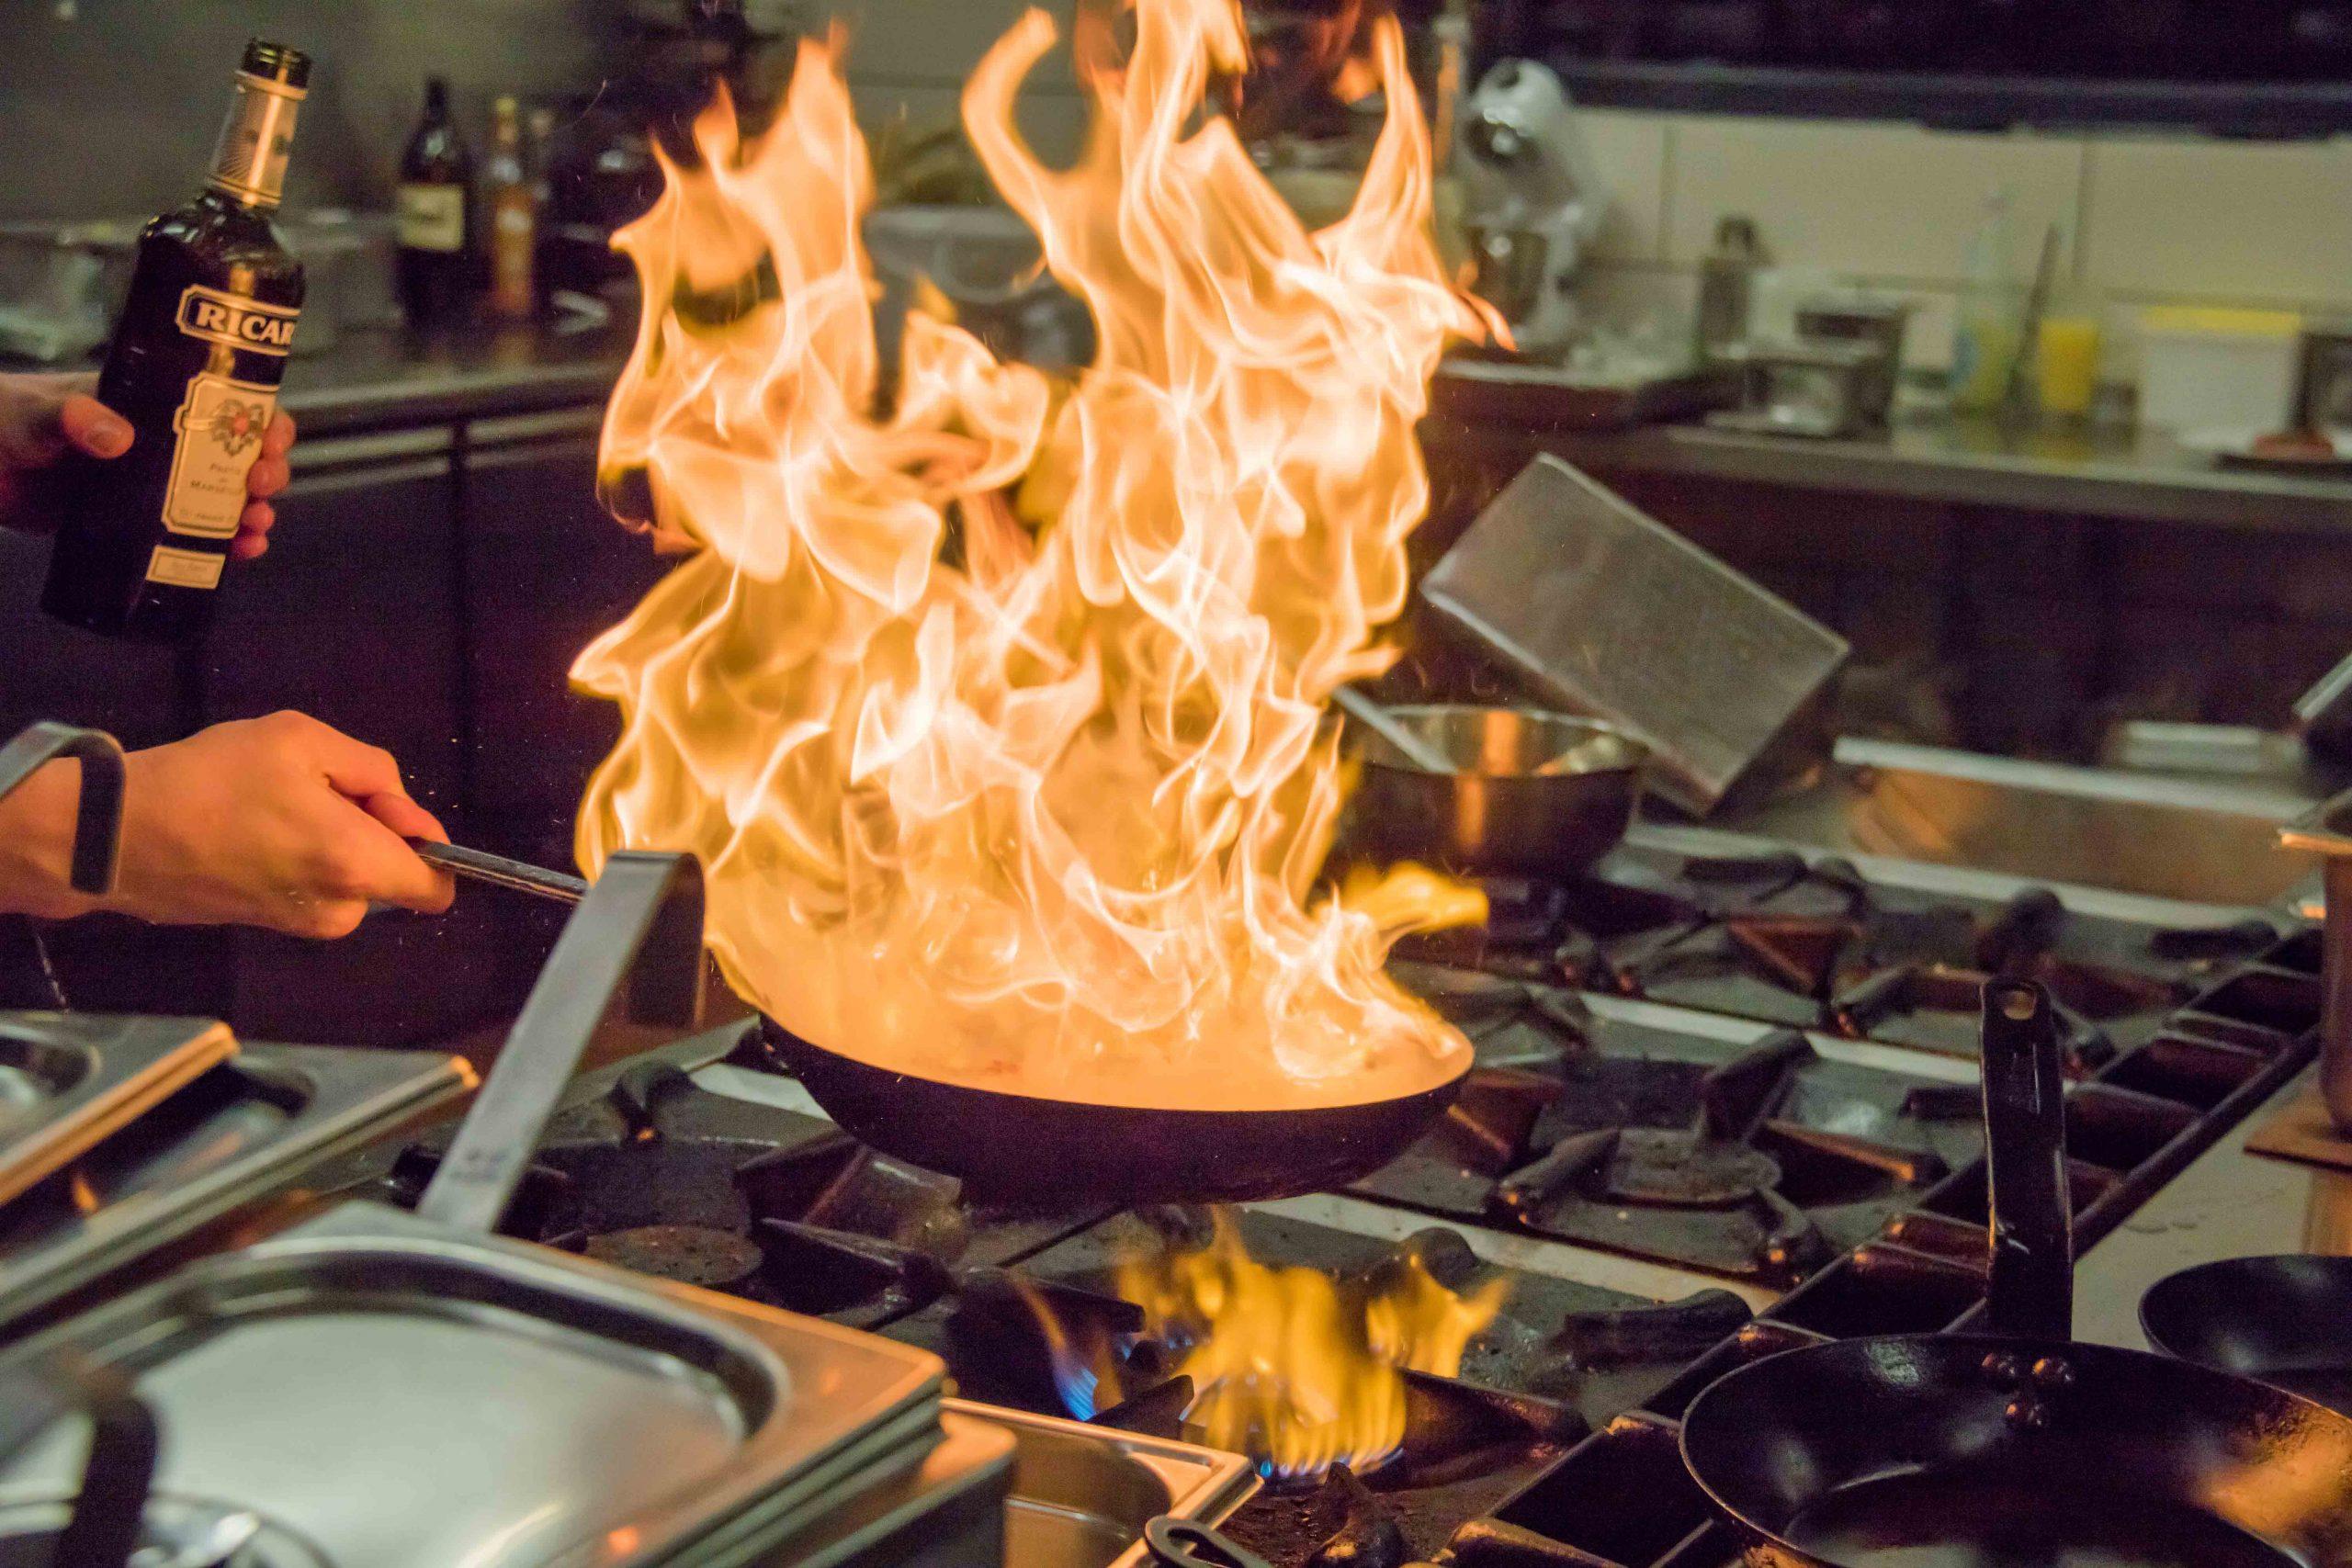 Kostbar Küche Pfanne Flammen